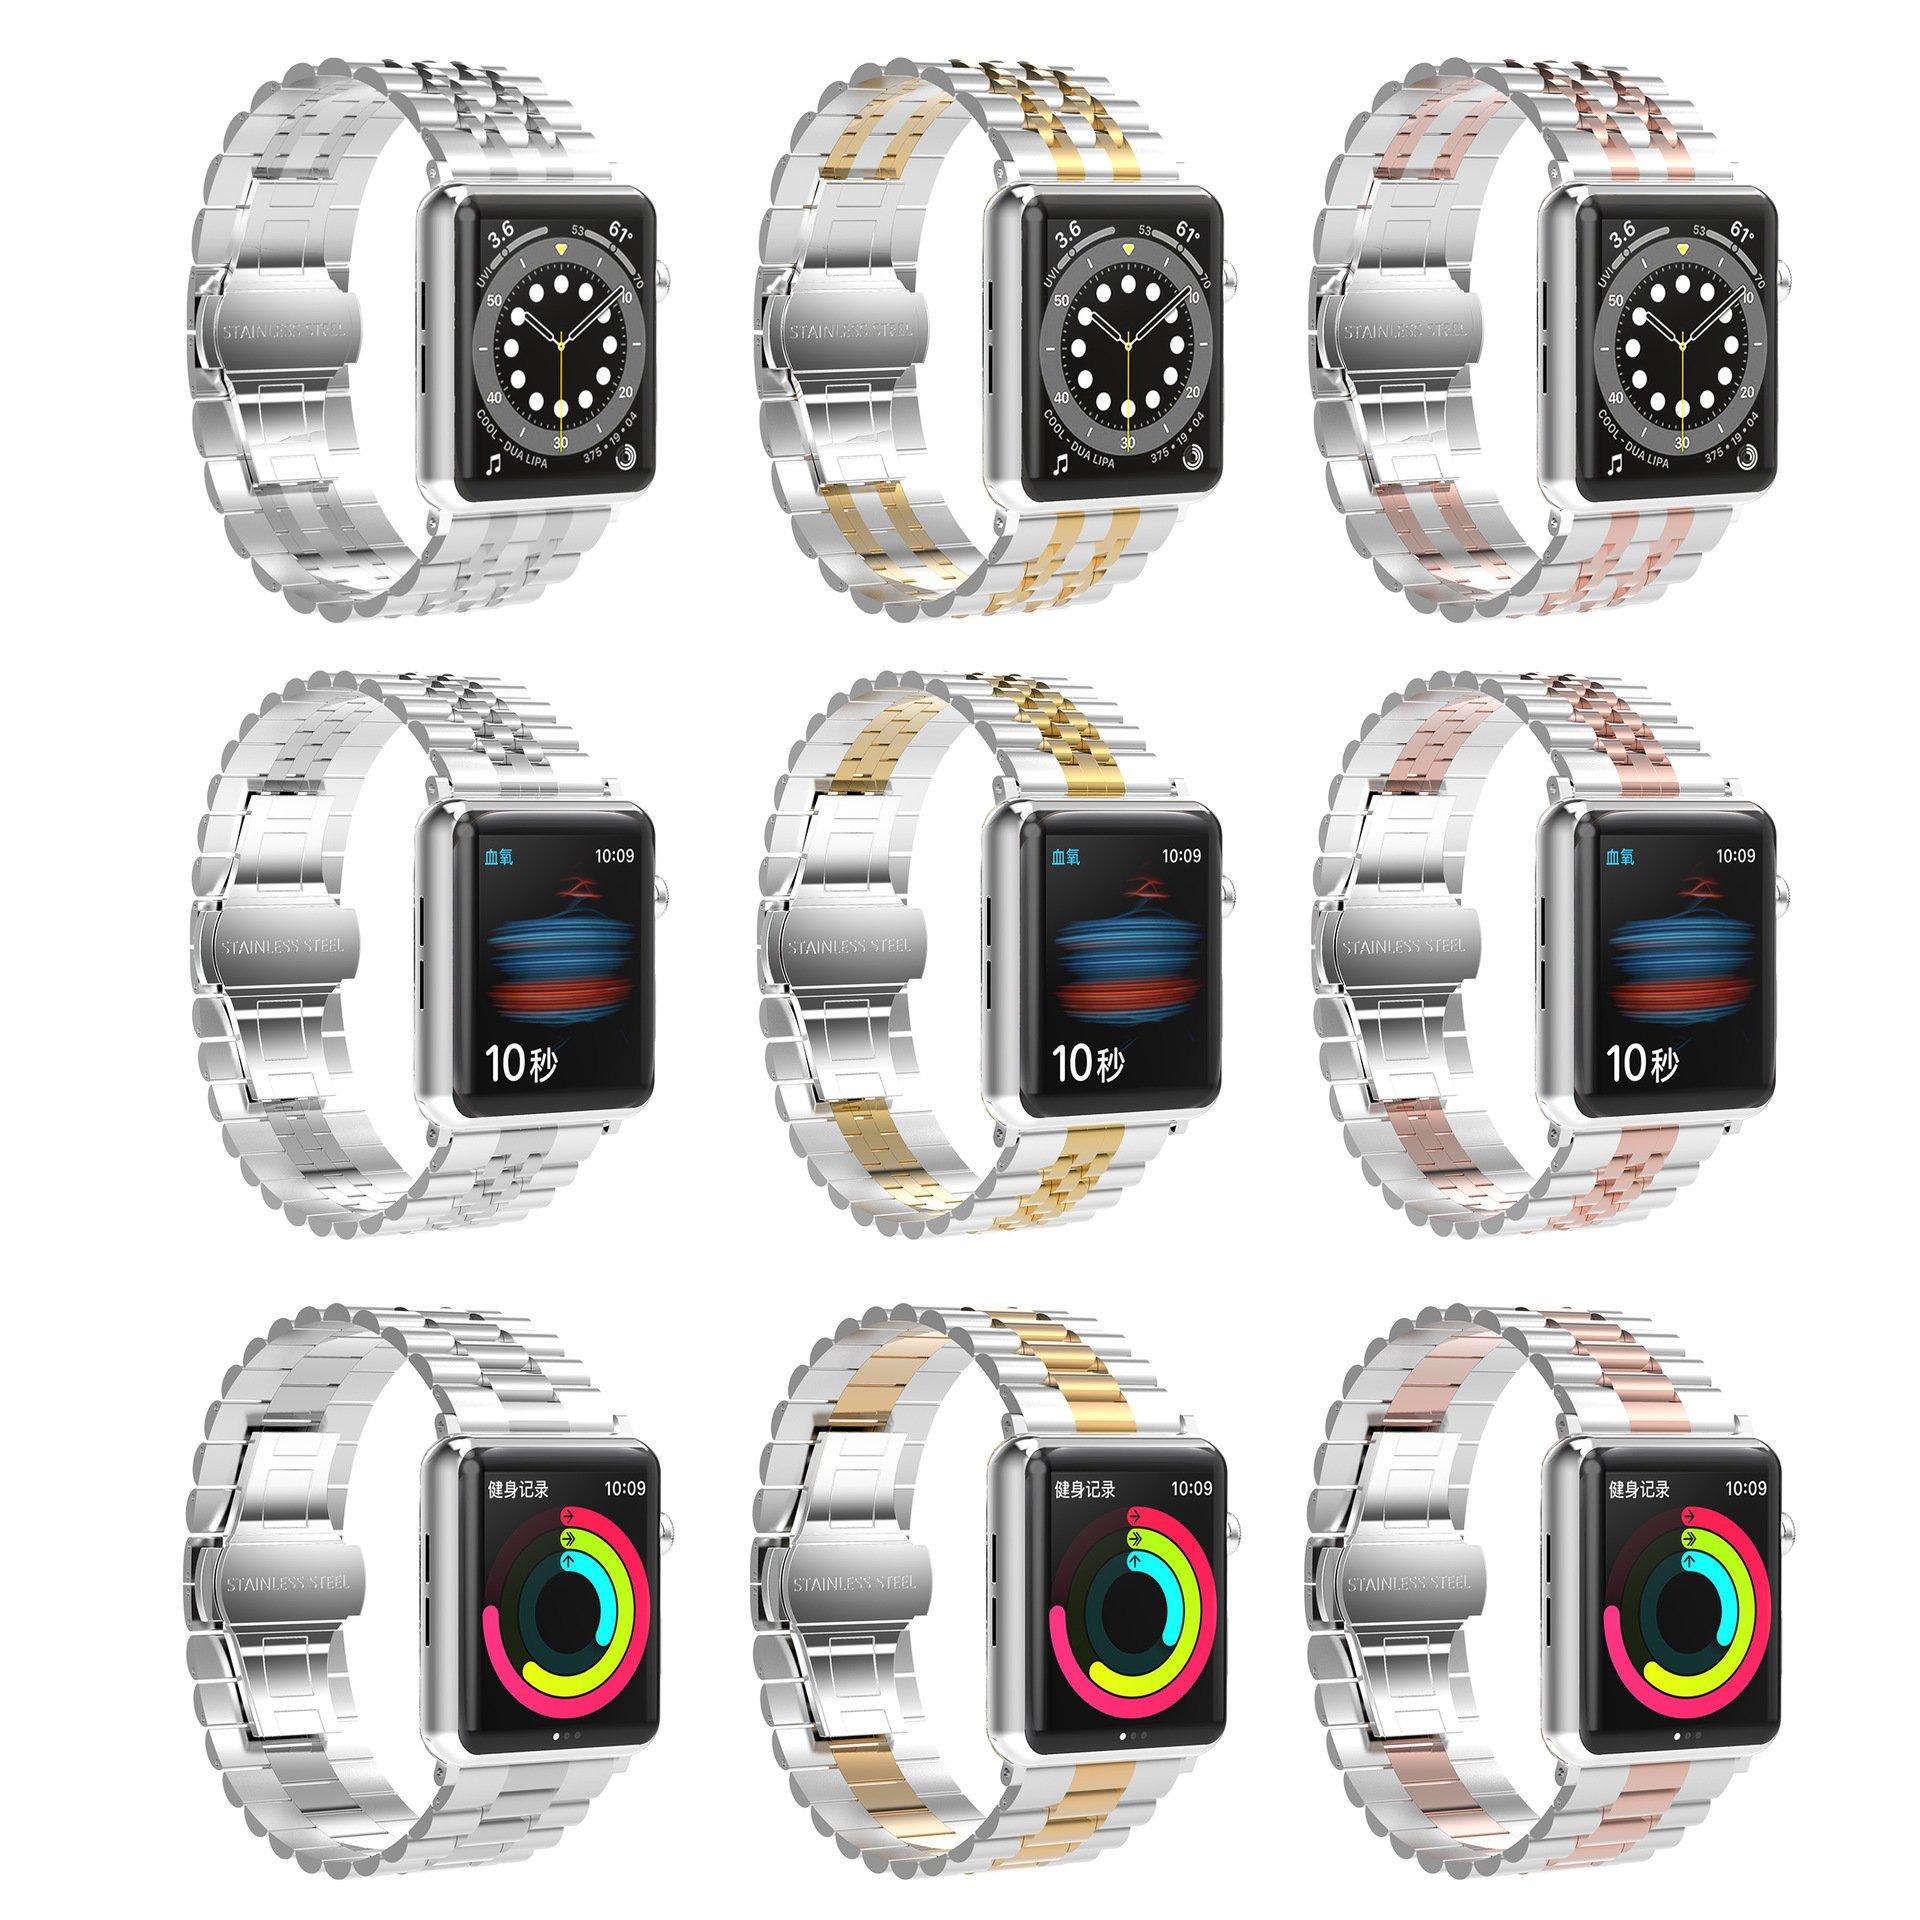 สายคล้องนาฬิกาข้อมือสําหรับ Iwatch Applewatch